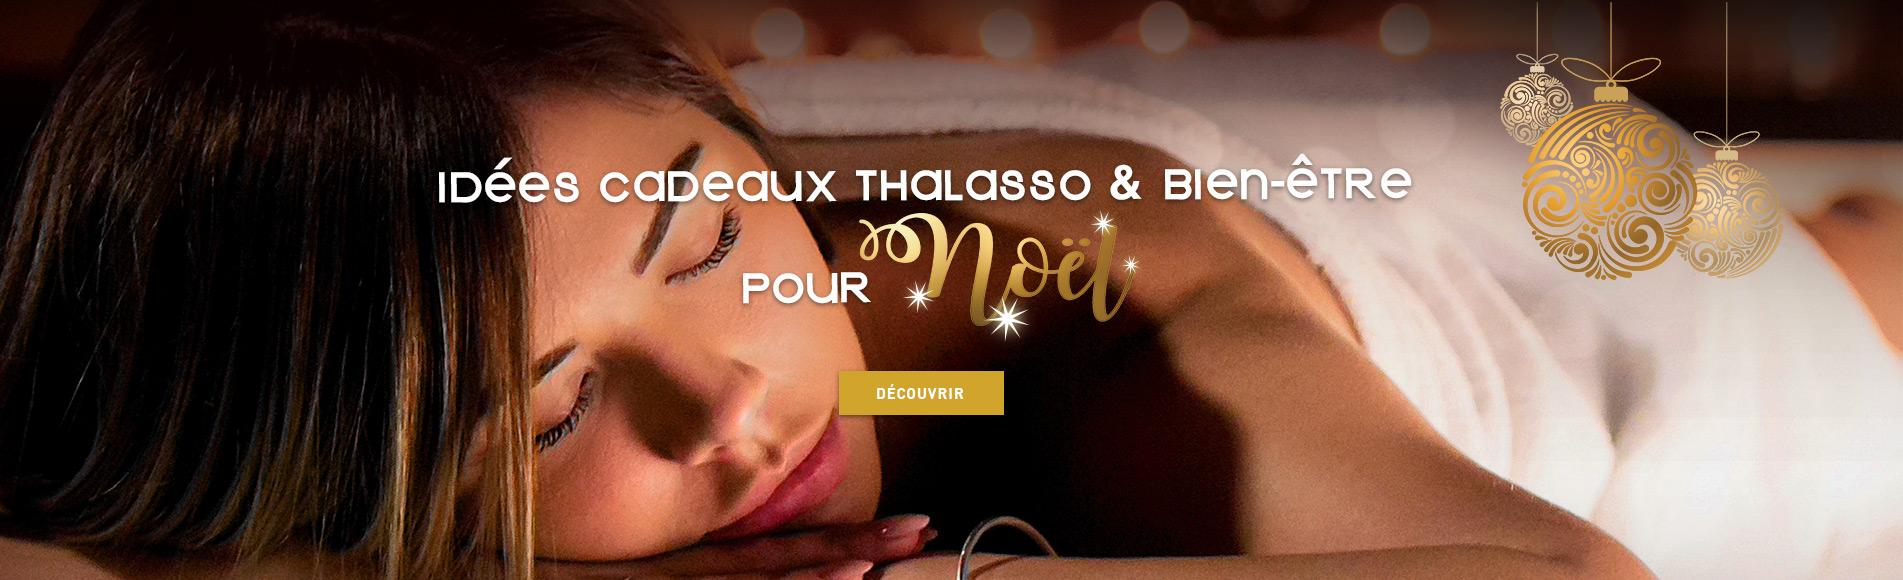 Idées cadeaux Thalasso & Bien-être pour Noël